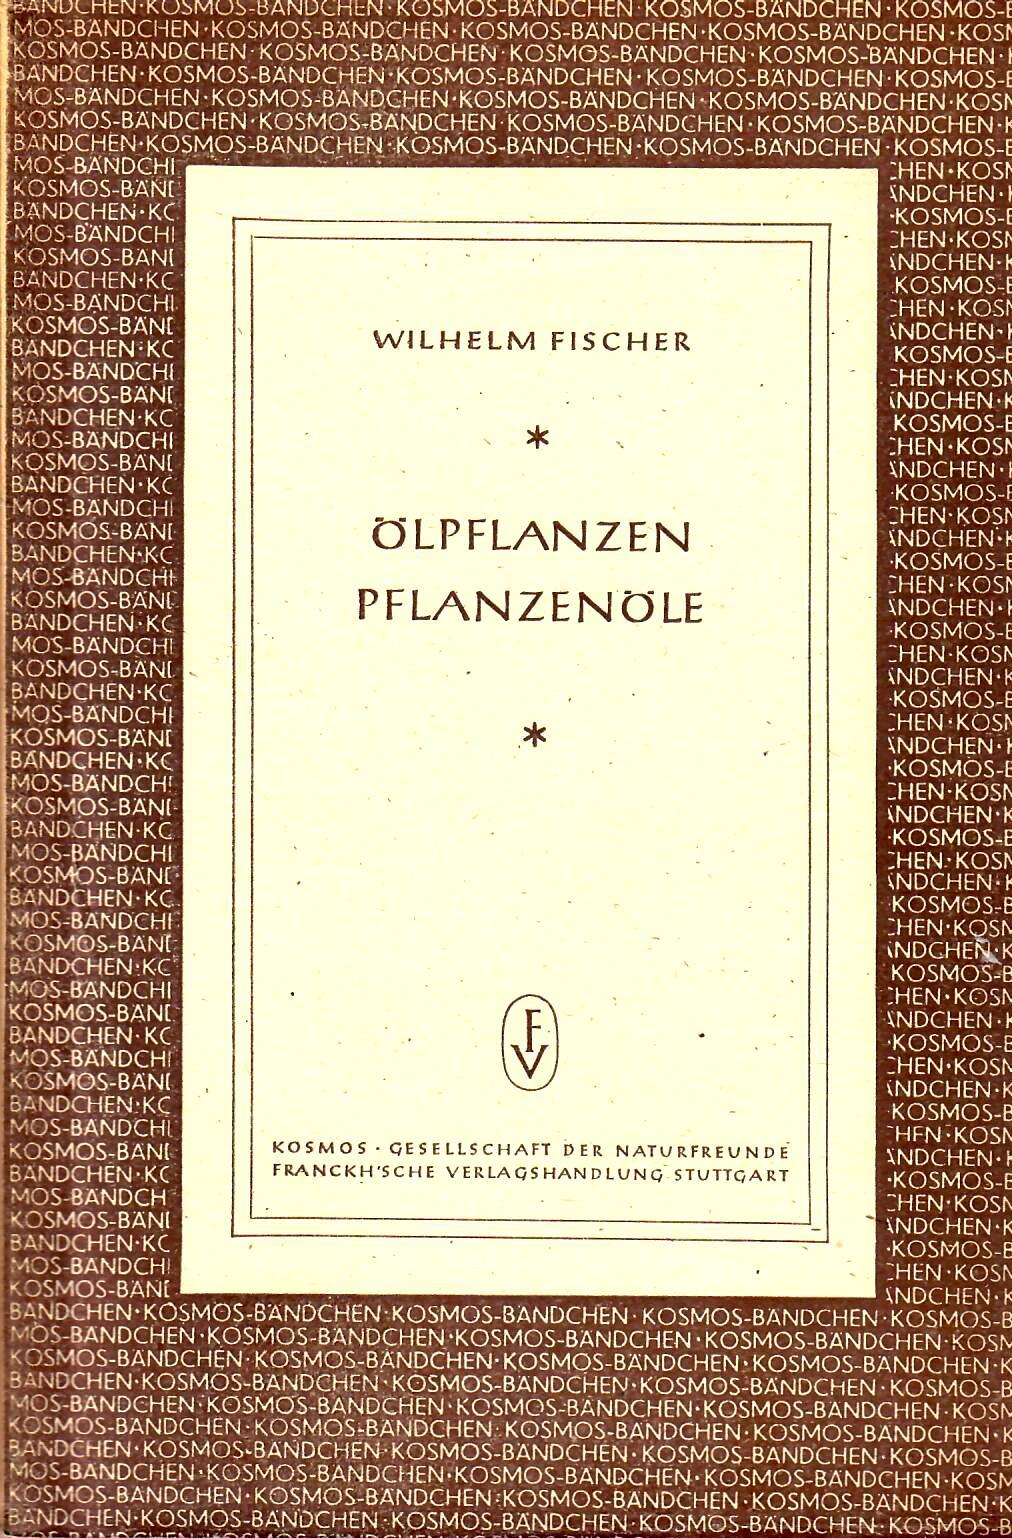 Ölpflanzen Pflanzenöle : Kosmos-Gesellschaft der Naturfreunde : Stuttgart 1948 : 80 Seiten : sehr guter Zustand : aus dem Nachlass von Dr. Ivan Diehl